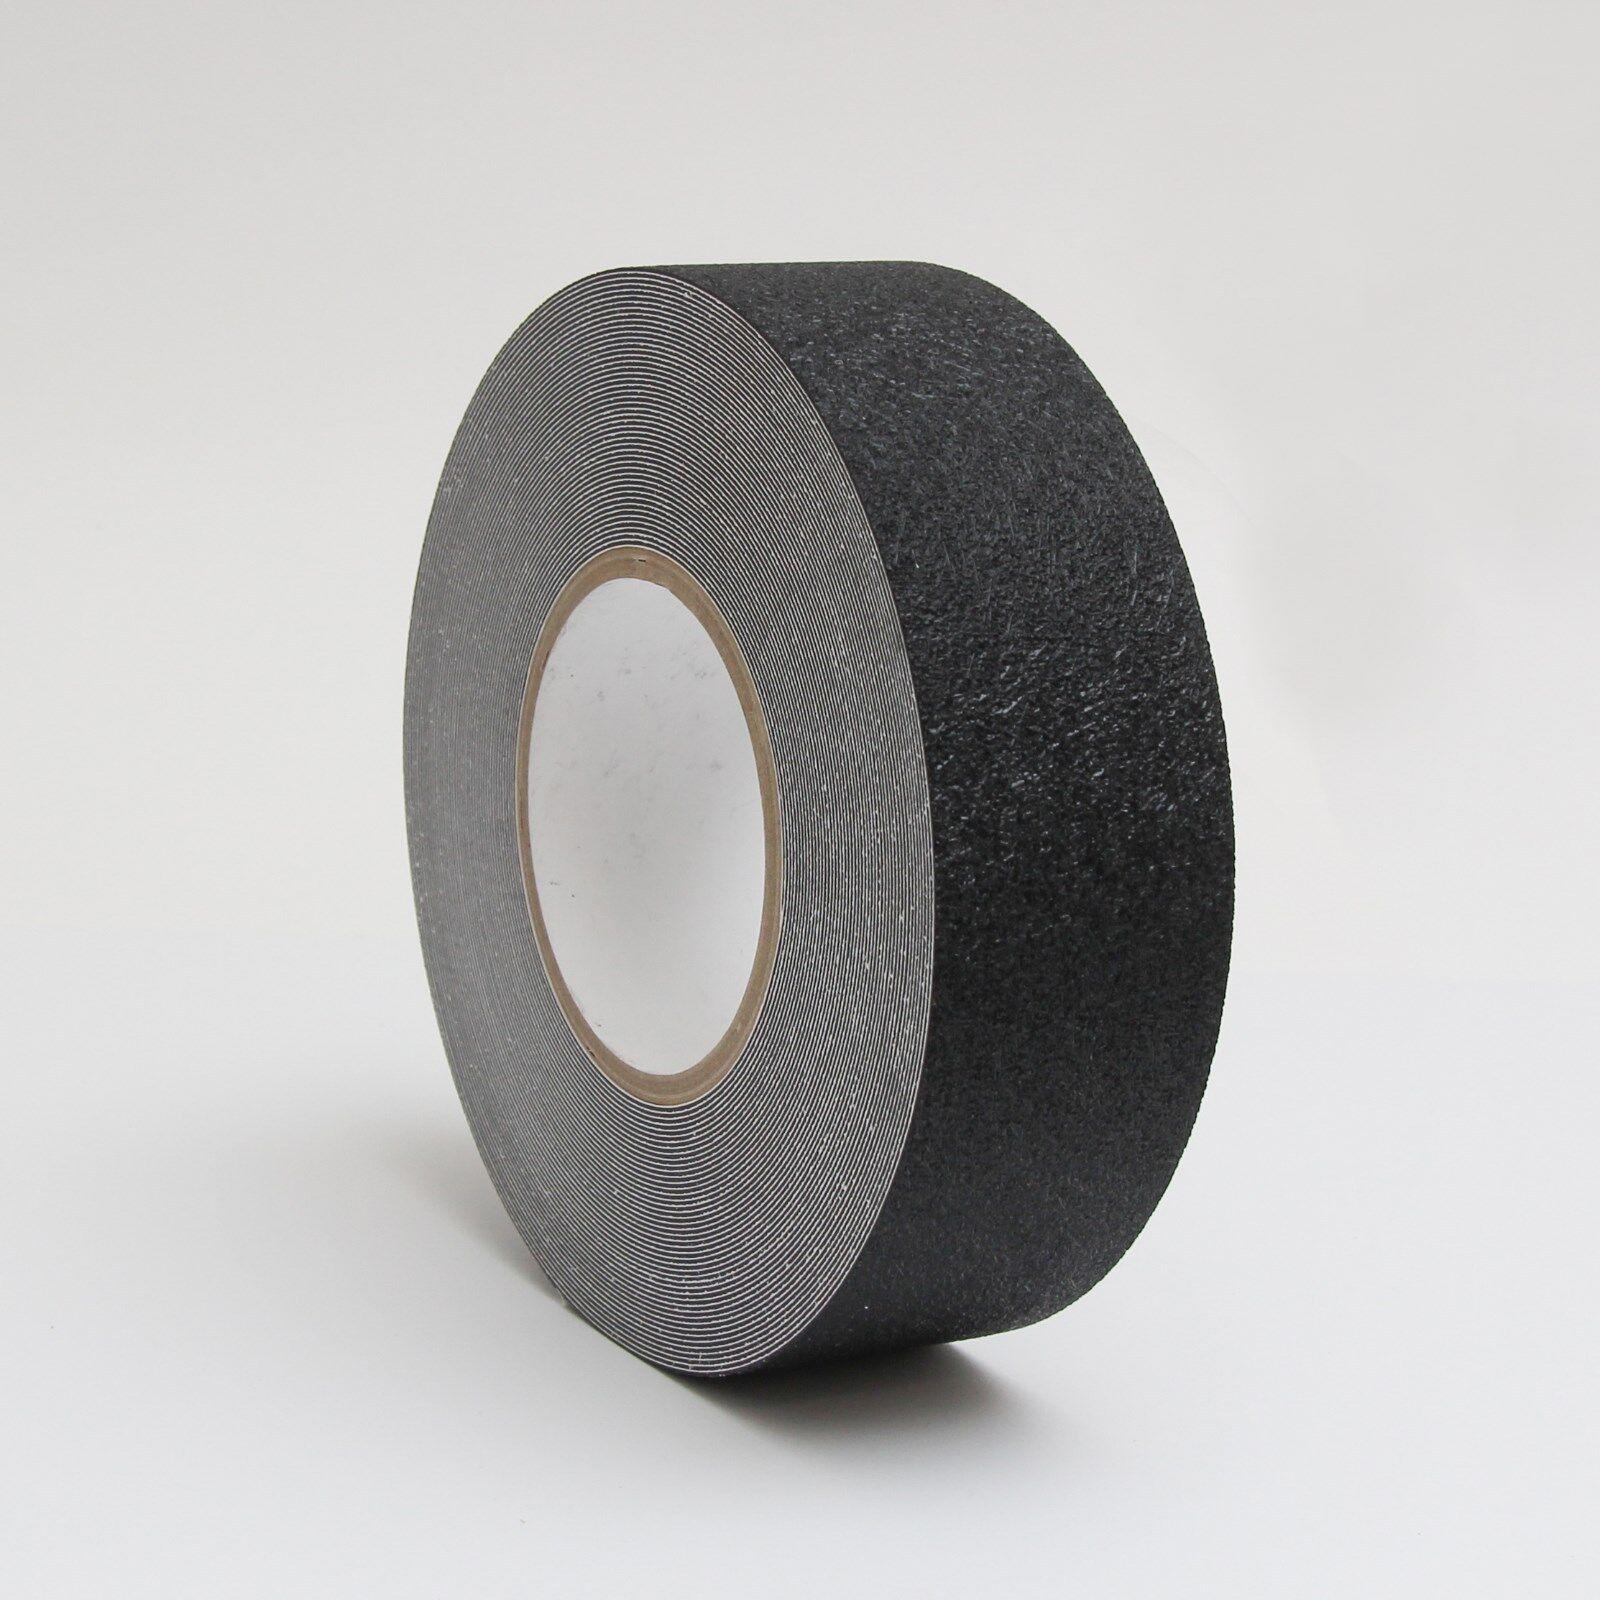 2 Rouleau LFM PVC anti glisse film noir auto-adhésif, Rouleau 2 env. 119 cm bee400